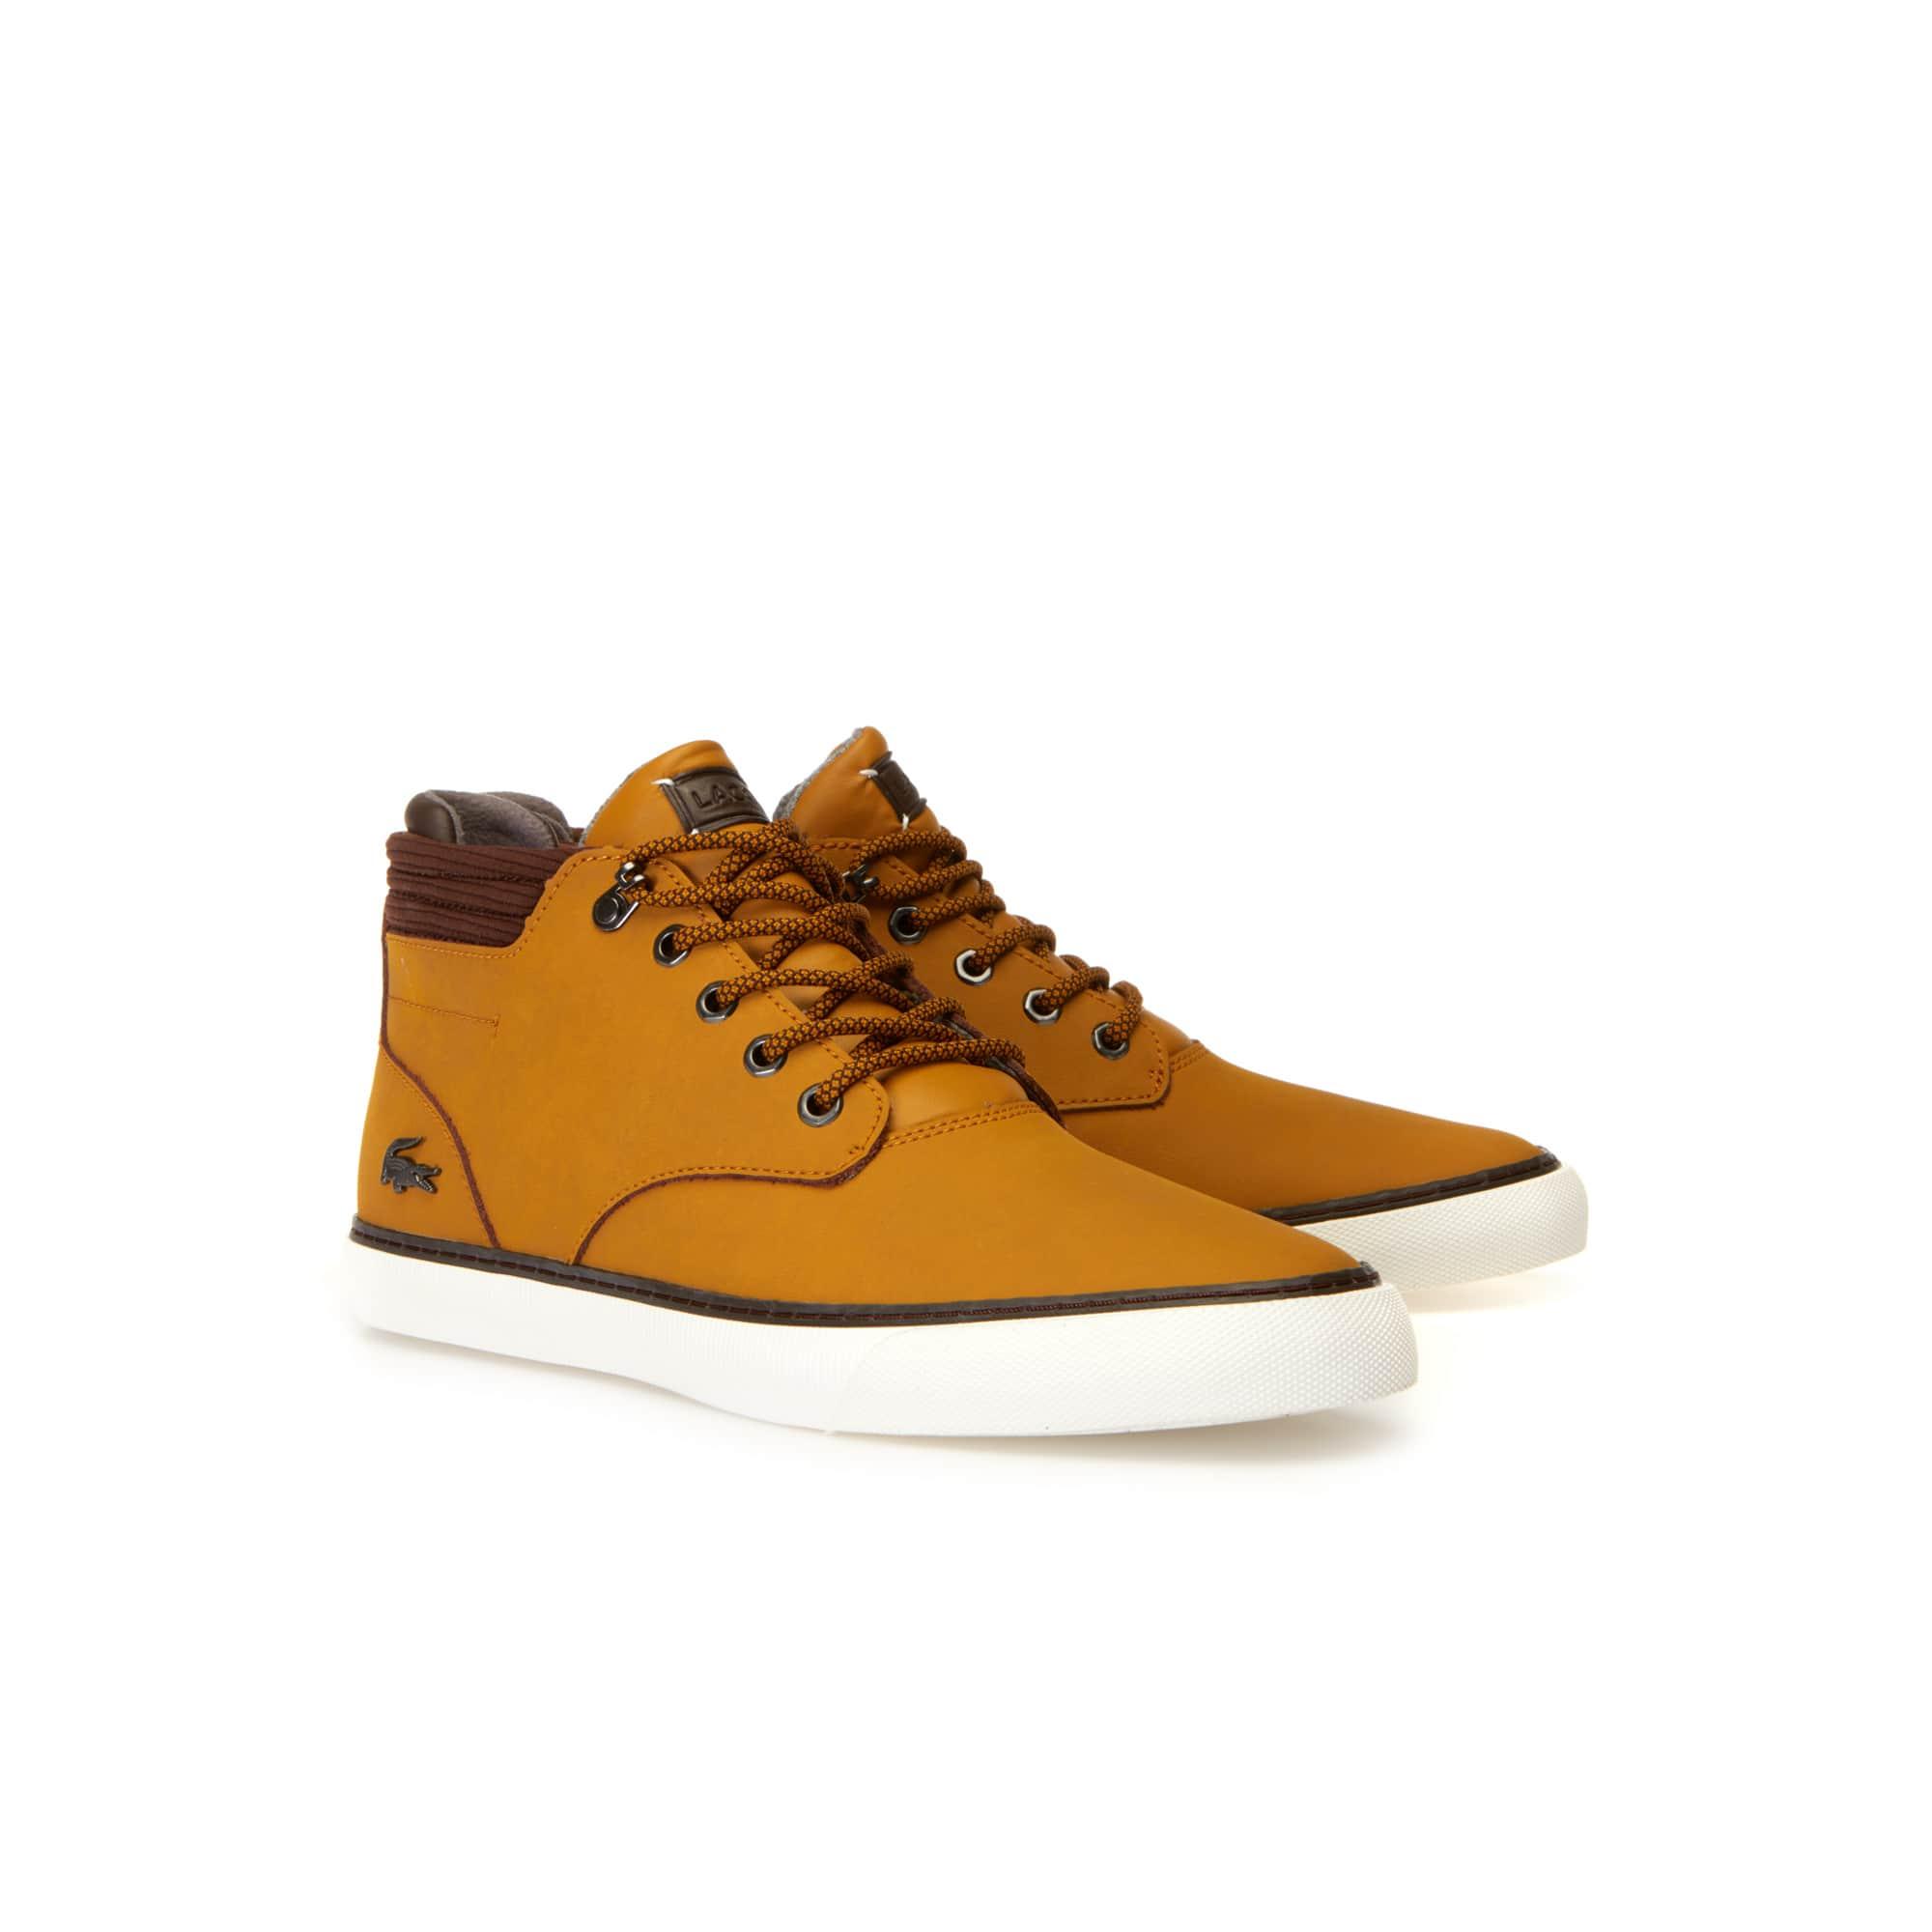 Lacoste - Zapatillas bota de hombre Esparre Winter de piel - 2